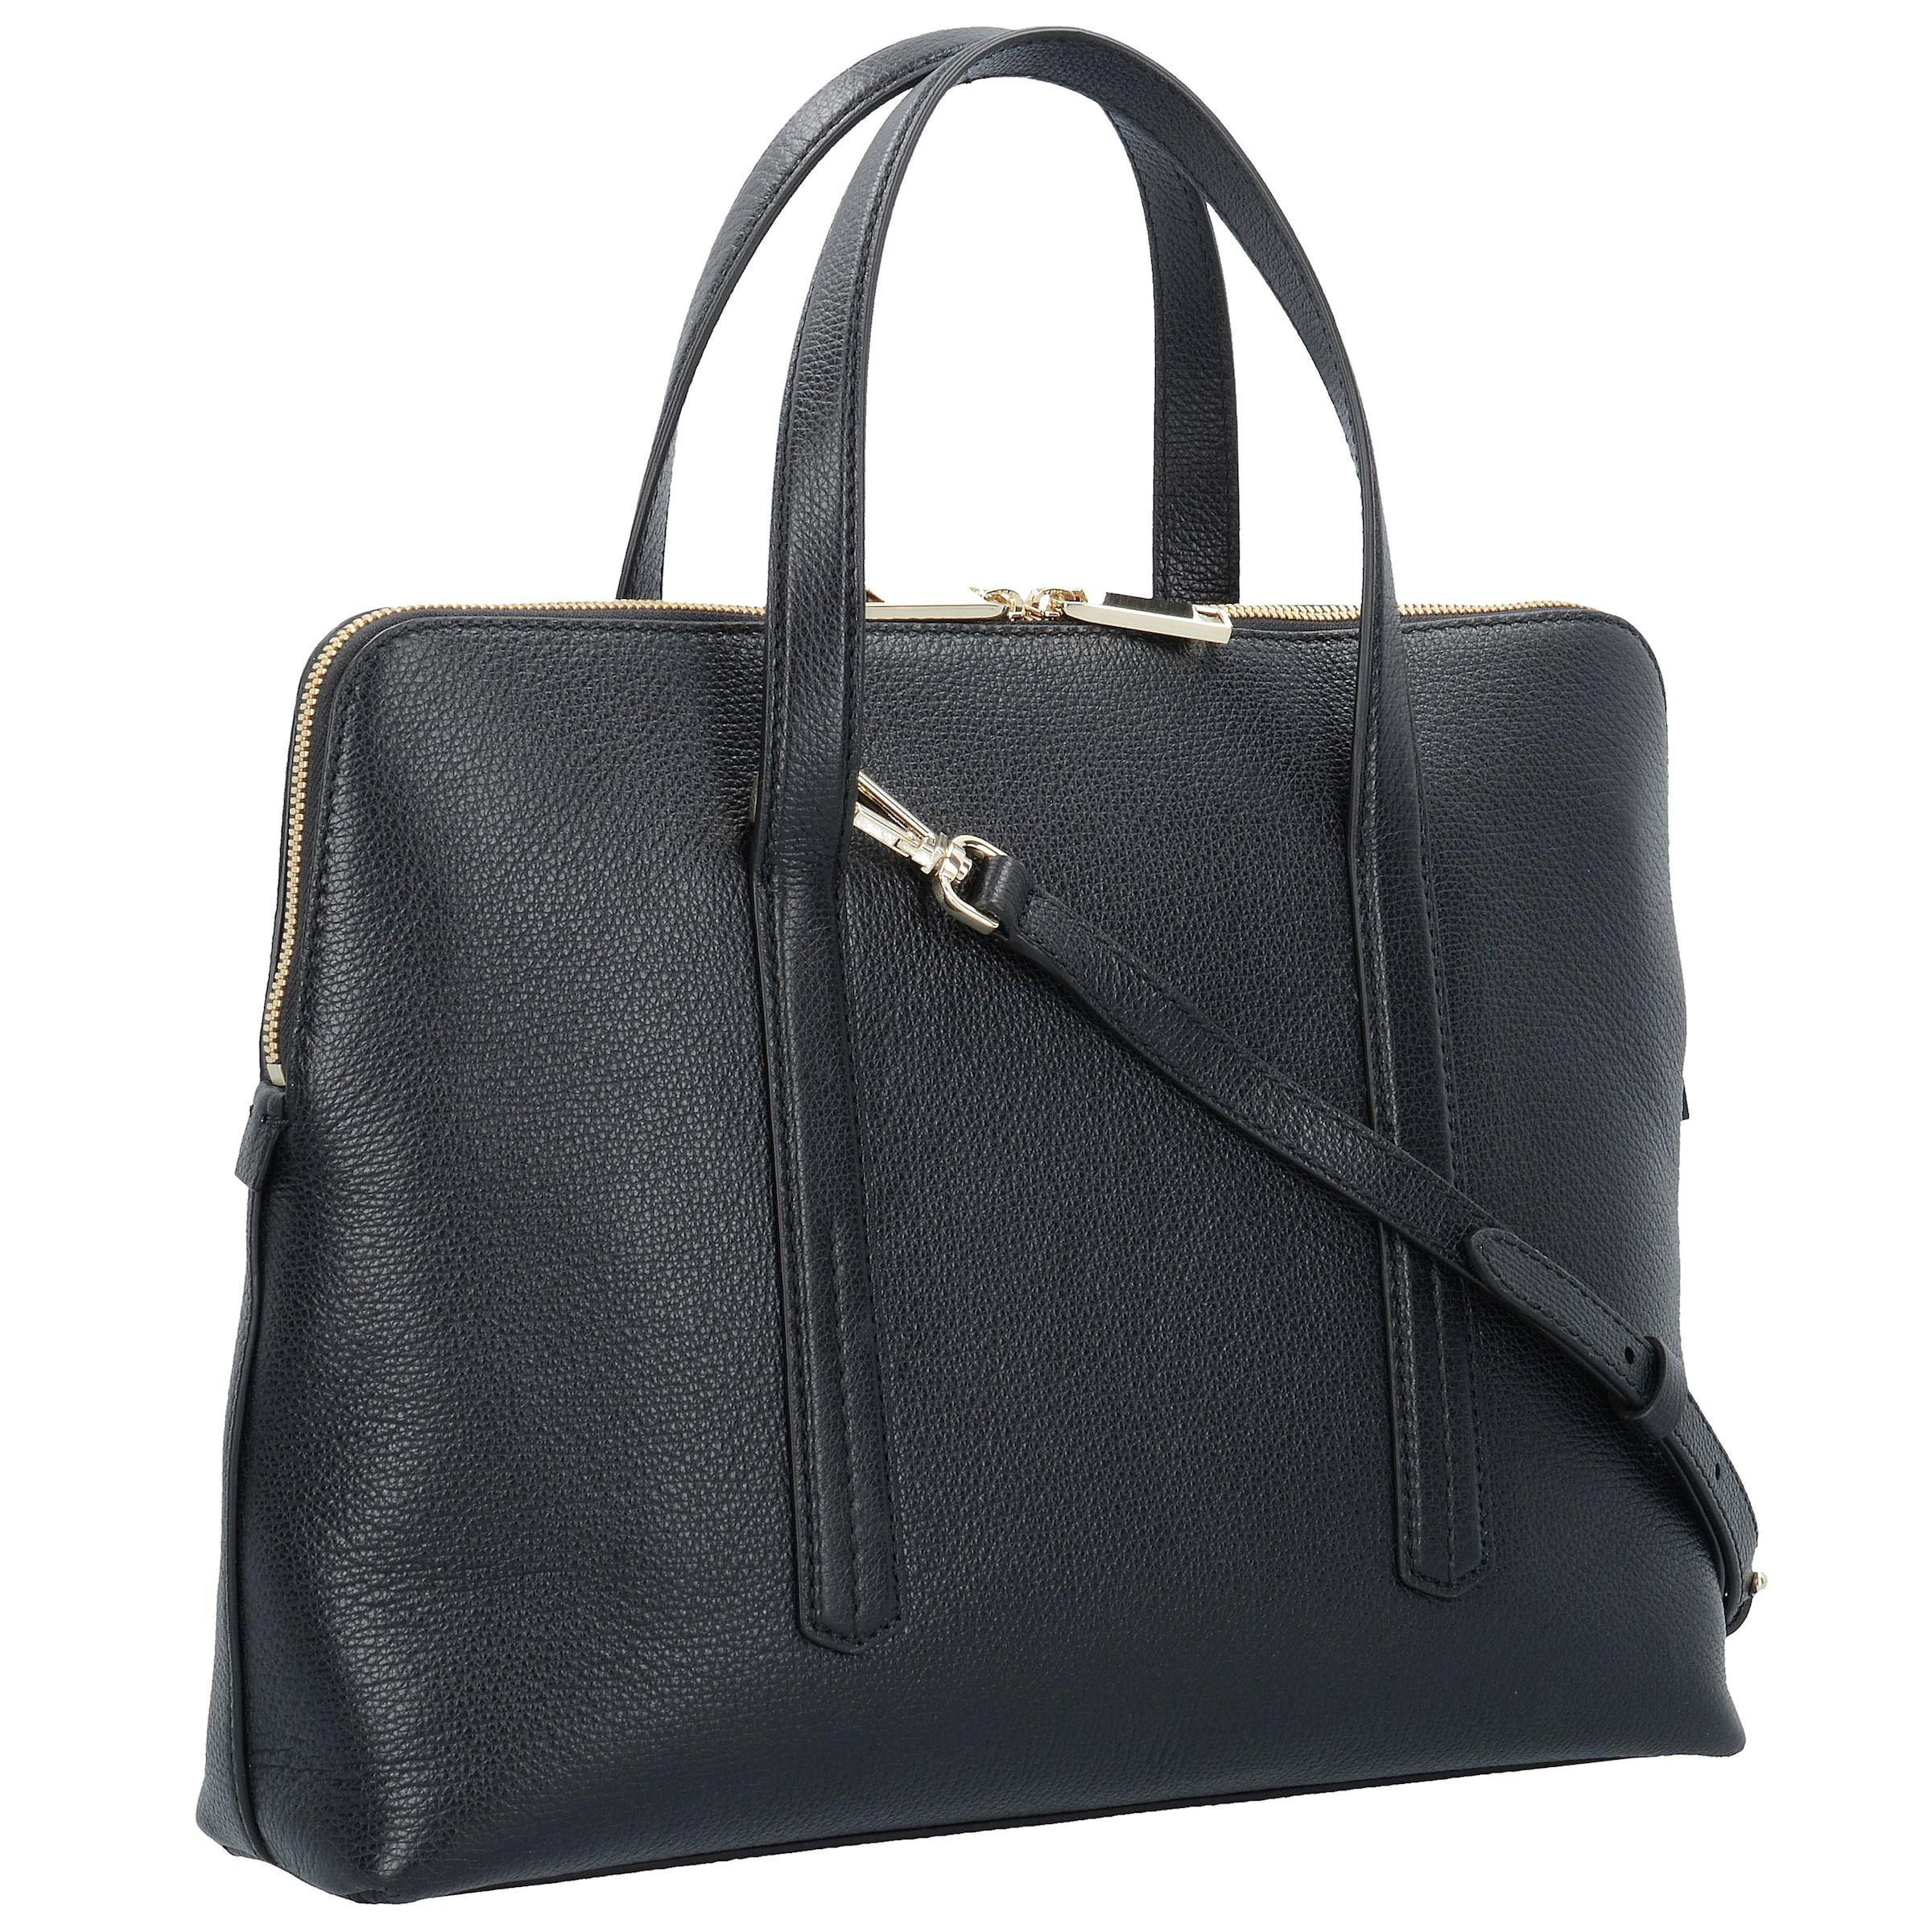 Bilder BOSS Business Taylor Handtasche Leder 35 cm Spielraum Viele Arten Von Rote Vorbestellung Eastbay Ausverkaufs-Shop rwep7P1n